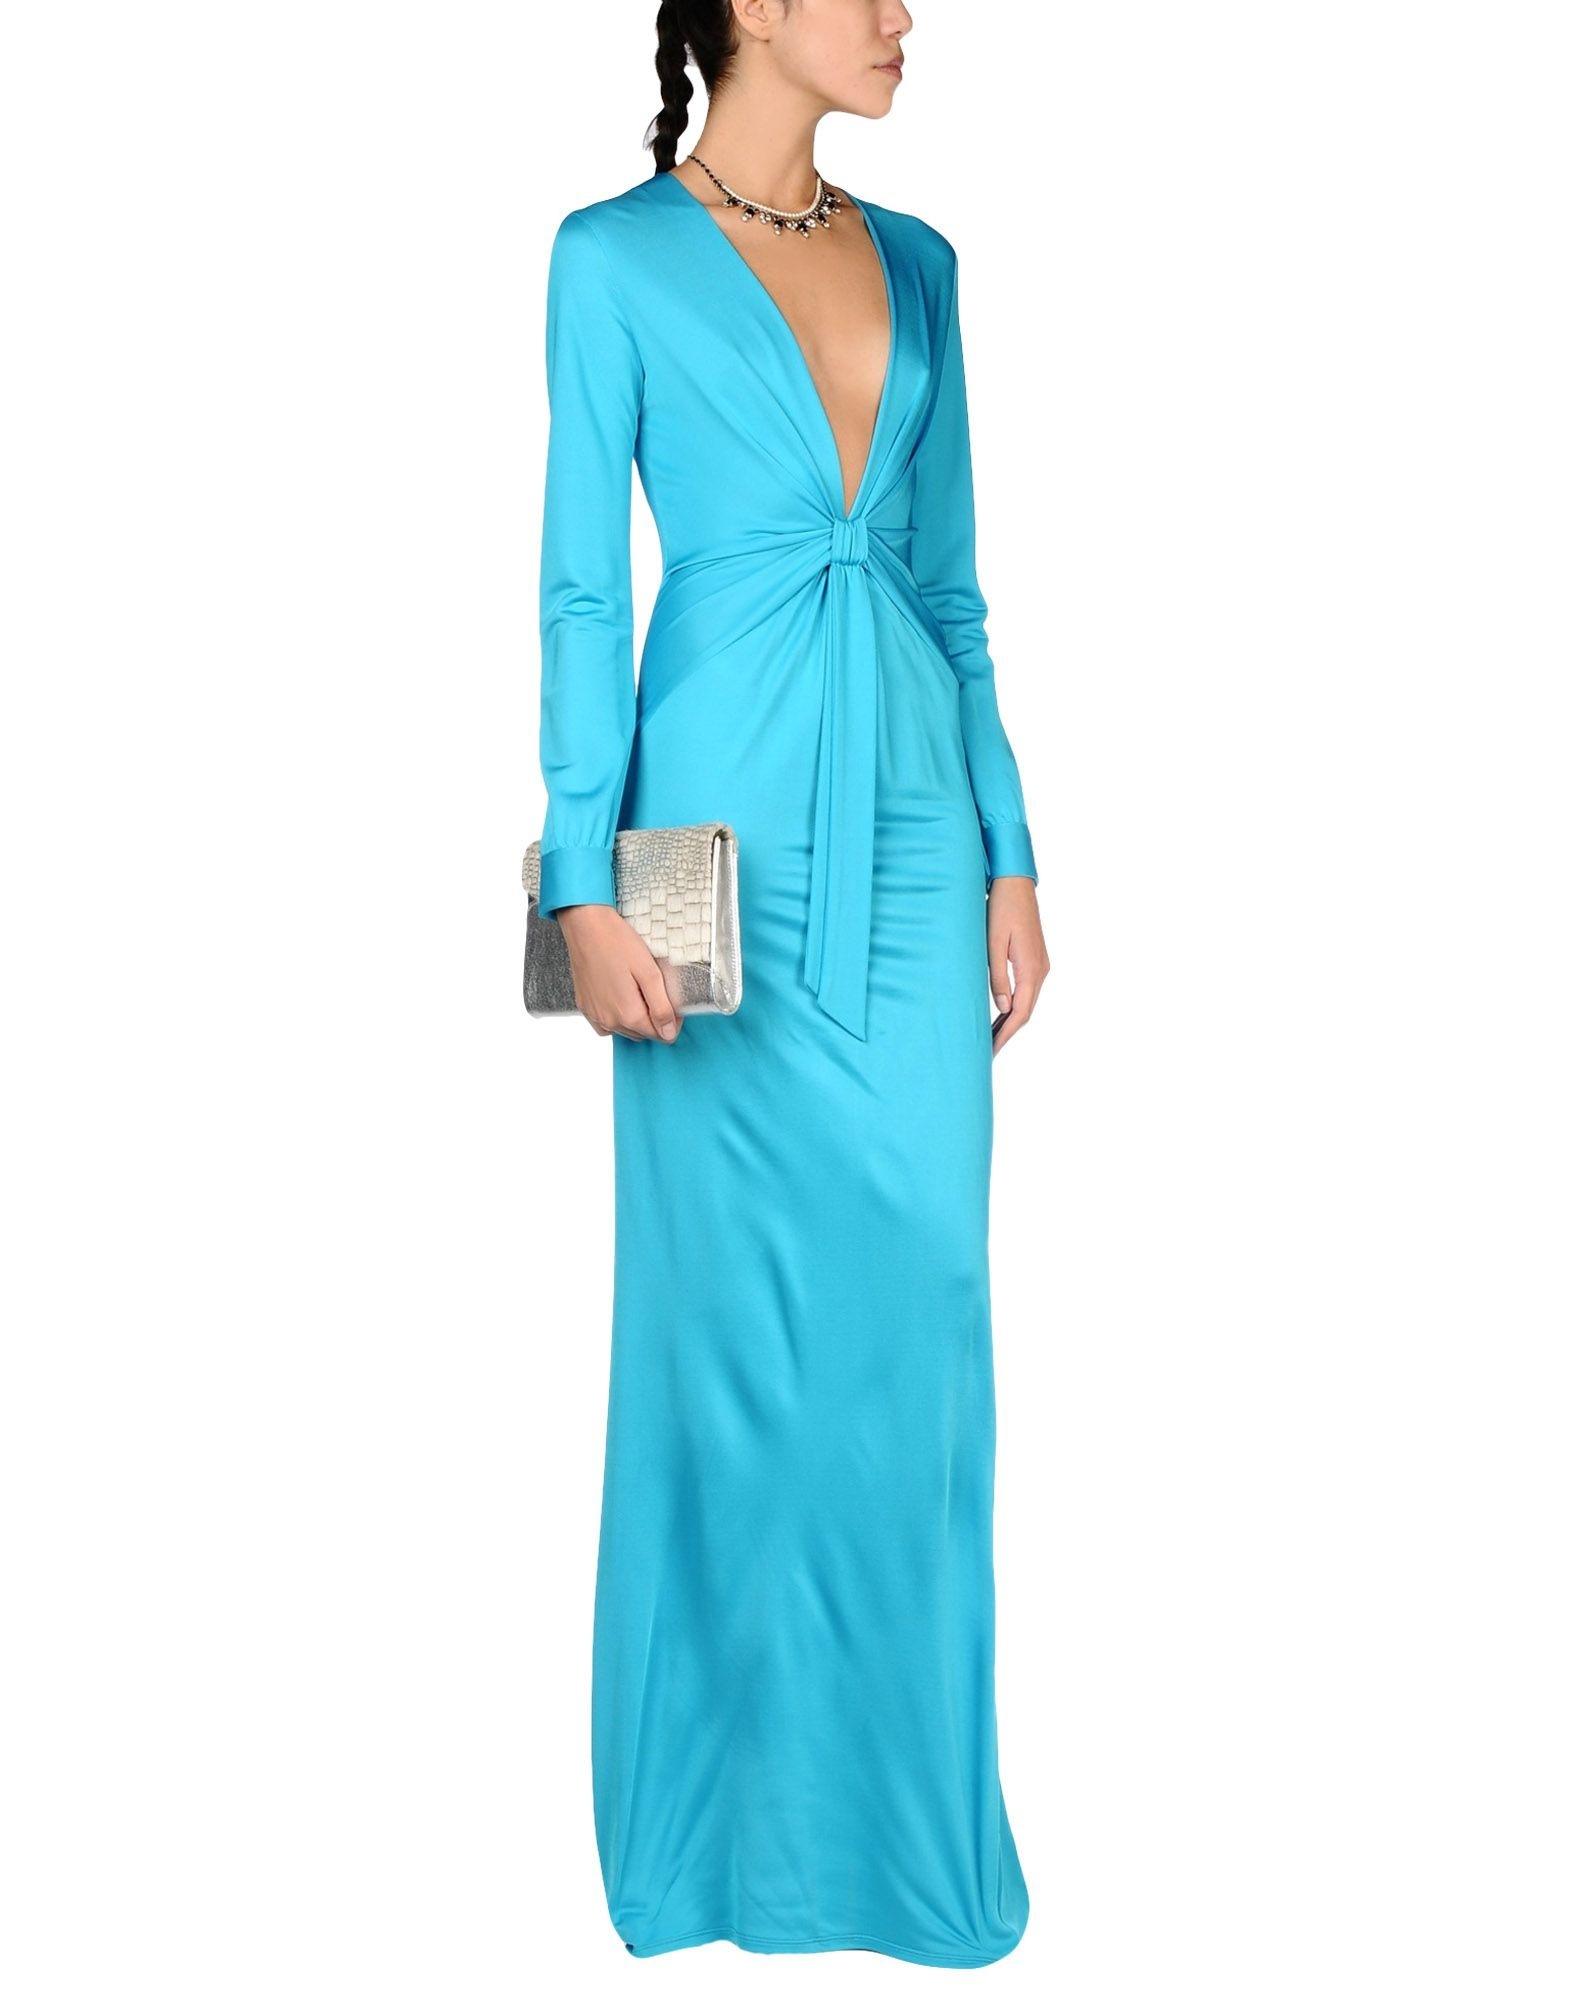 15 Einfach Langes Kleid Türkis GalerieDesigner Coolste Langes Kleid Türkis Ärmel